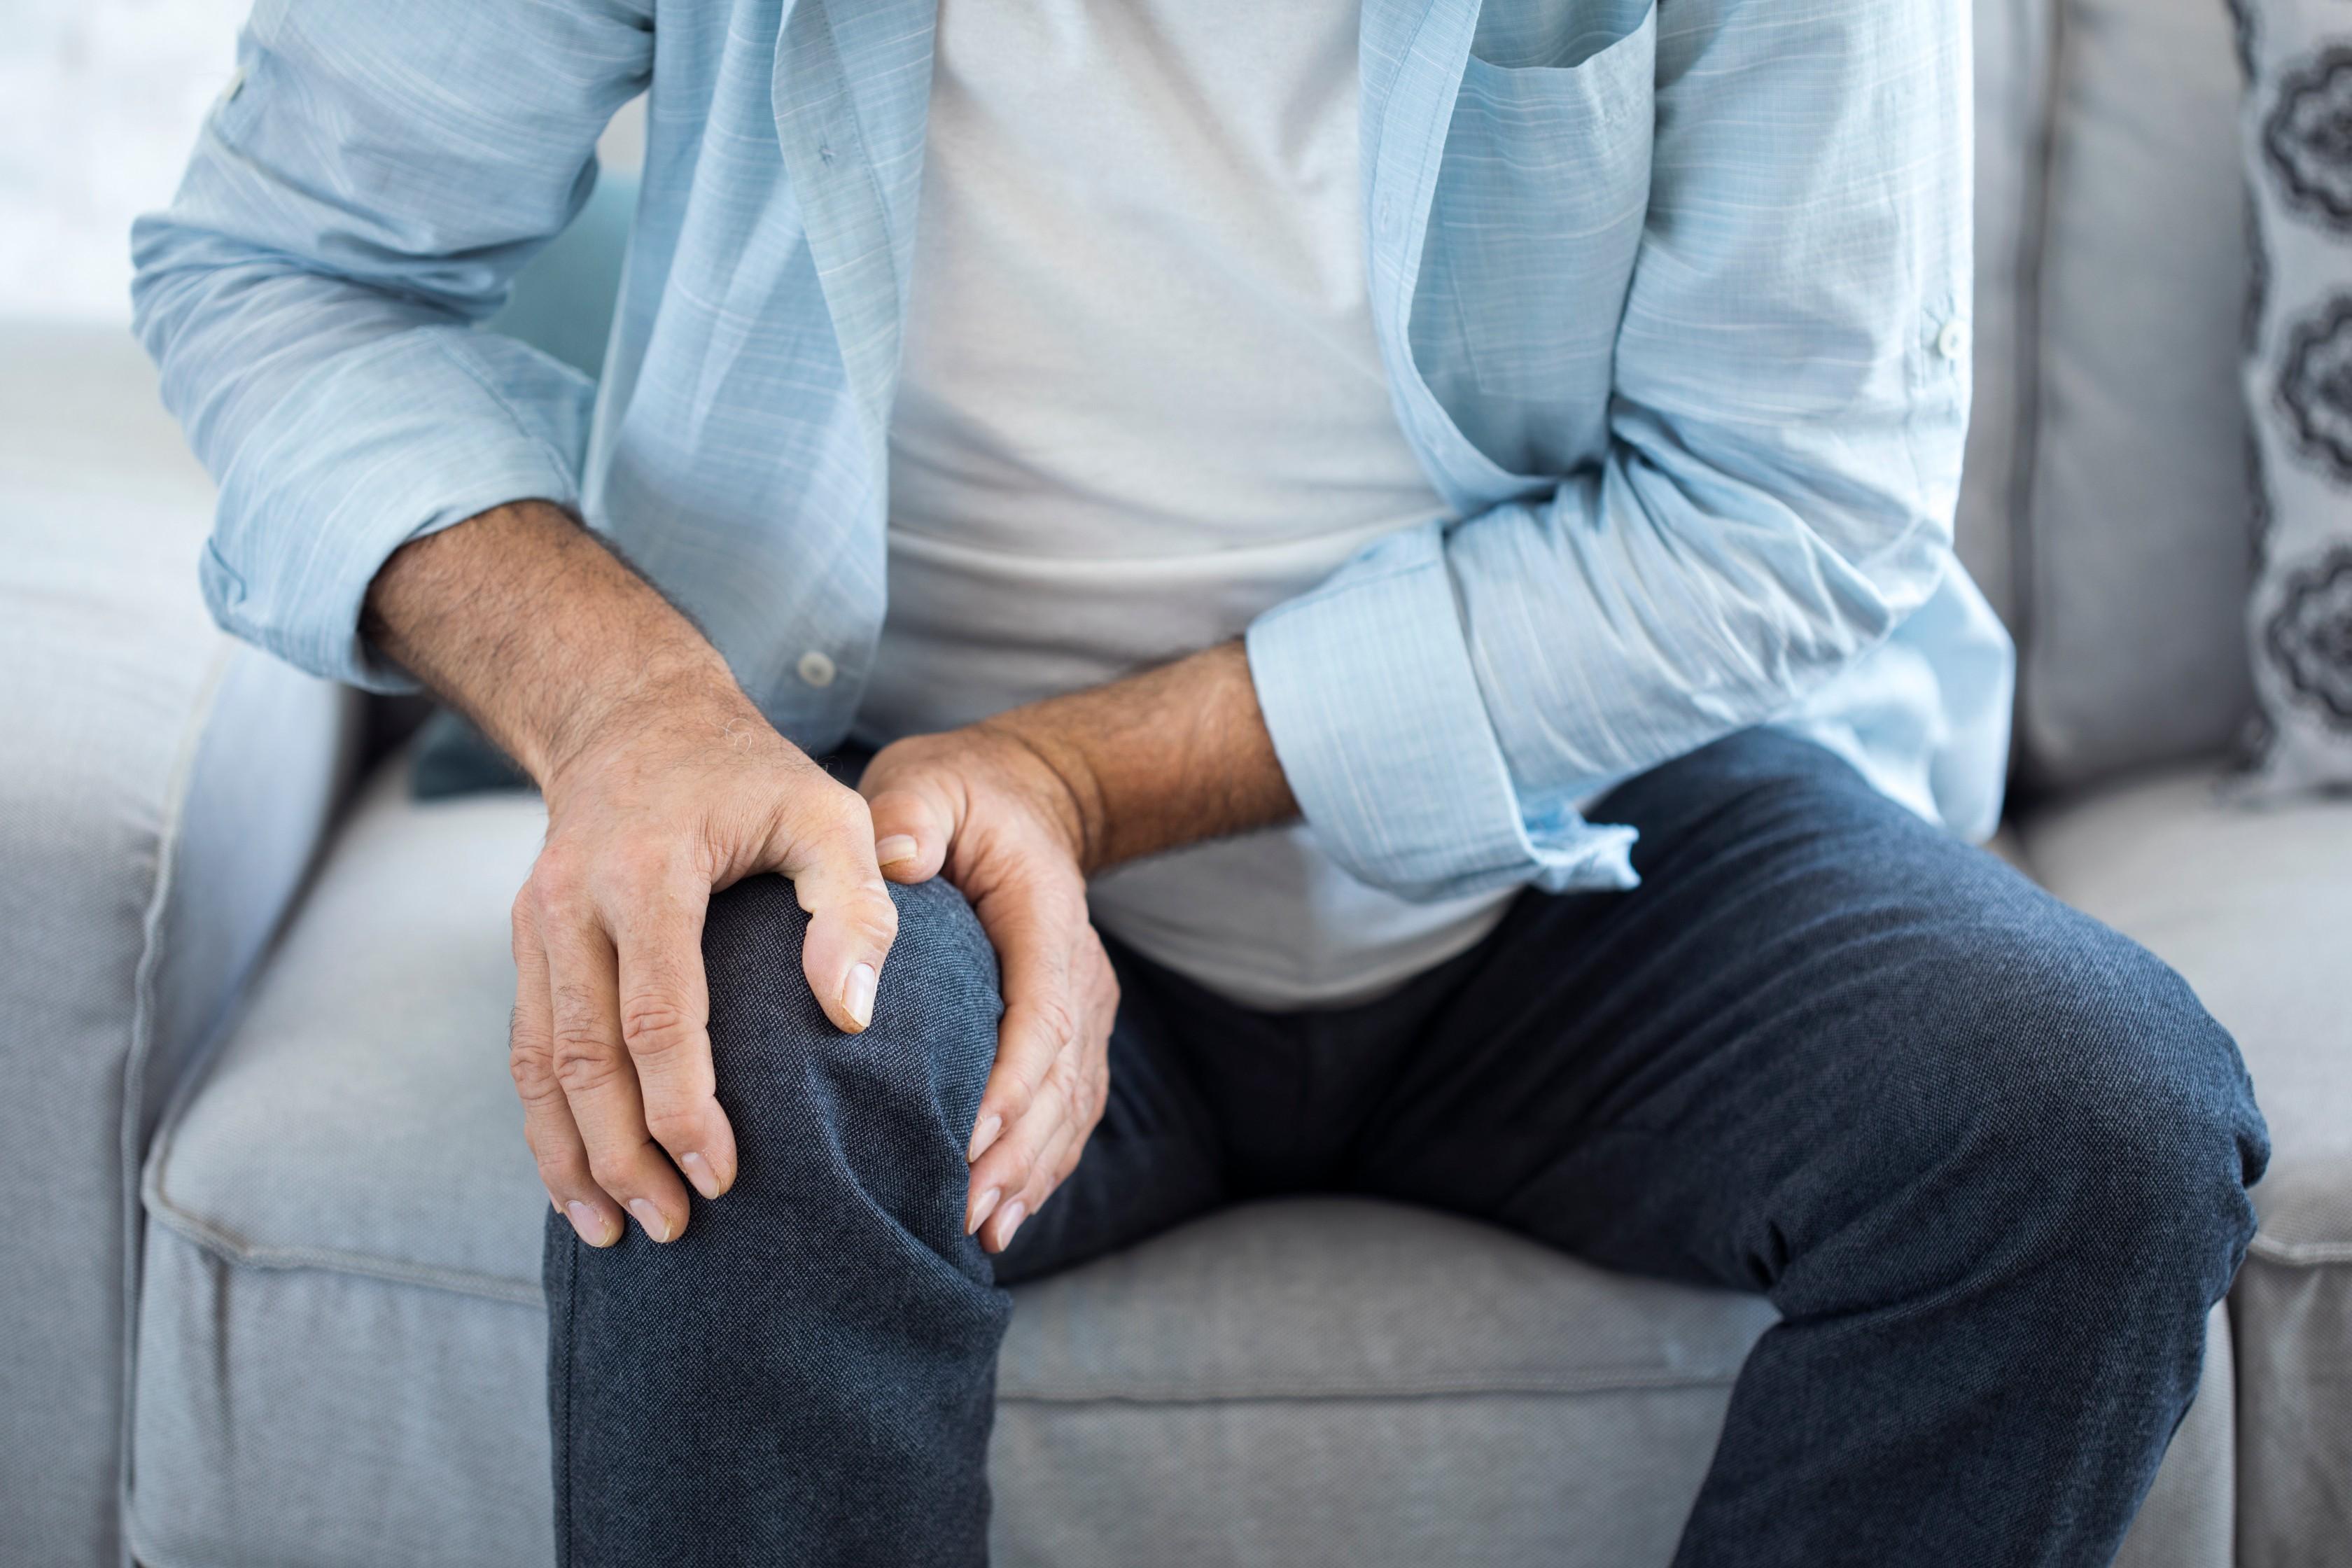 miért fáj az izületek a hőtől